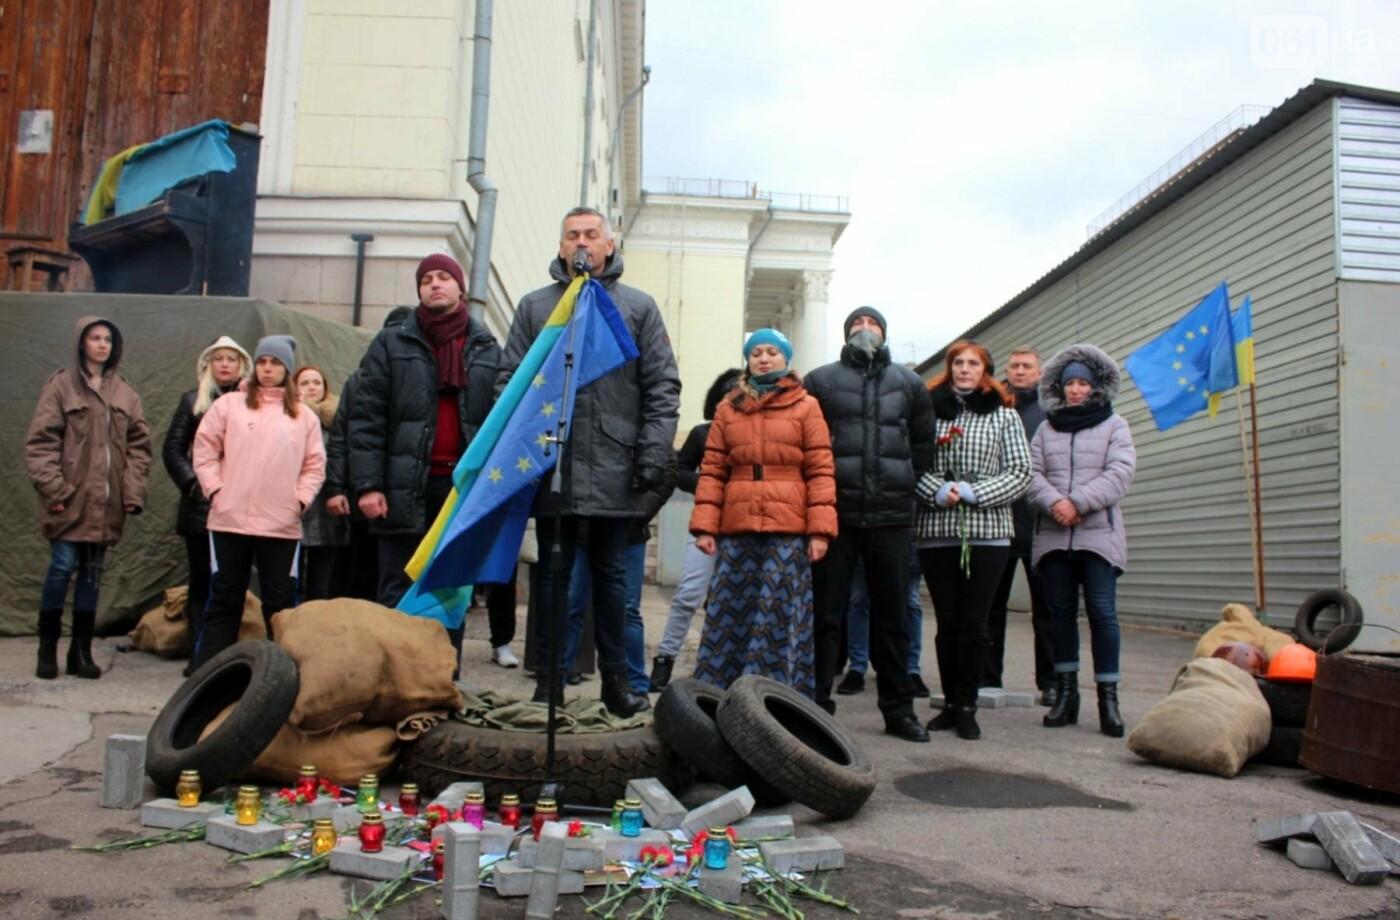 В Запорожье актеры на улице читали стихи о Майдане, - ФОТОРЕПОРТАЖ, фото-5